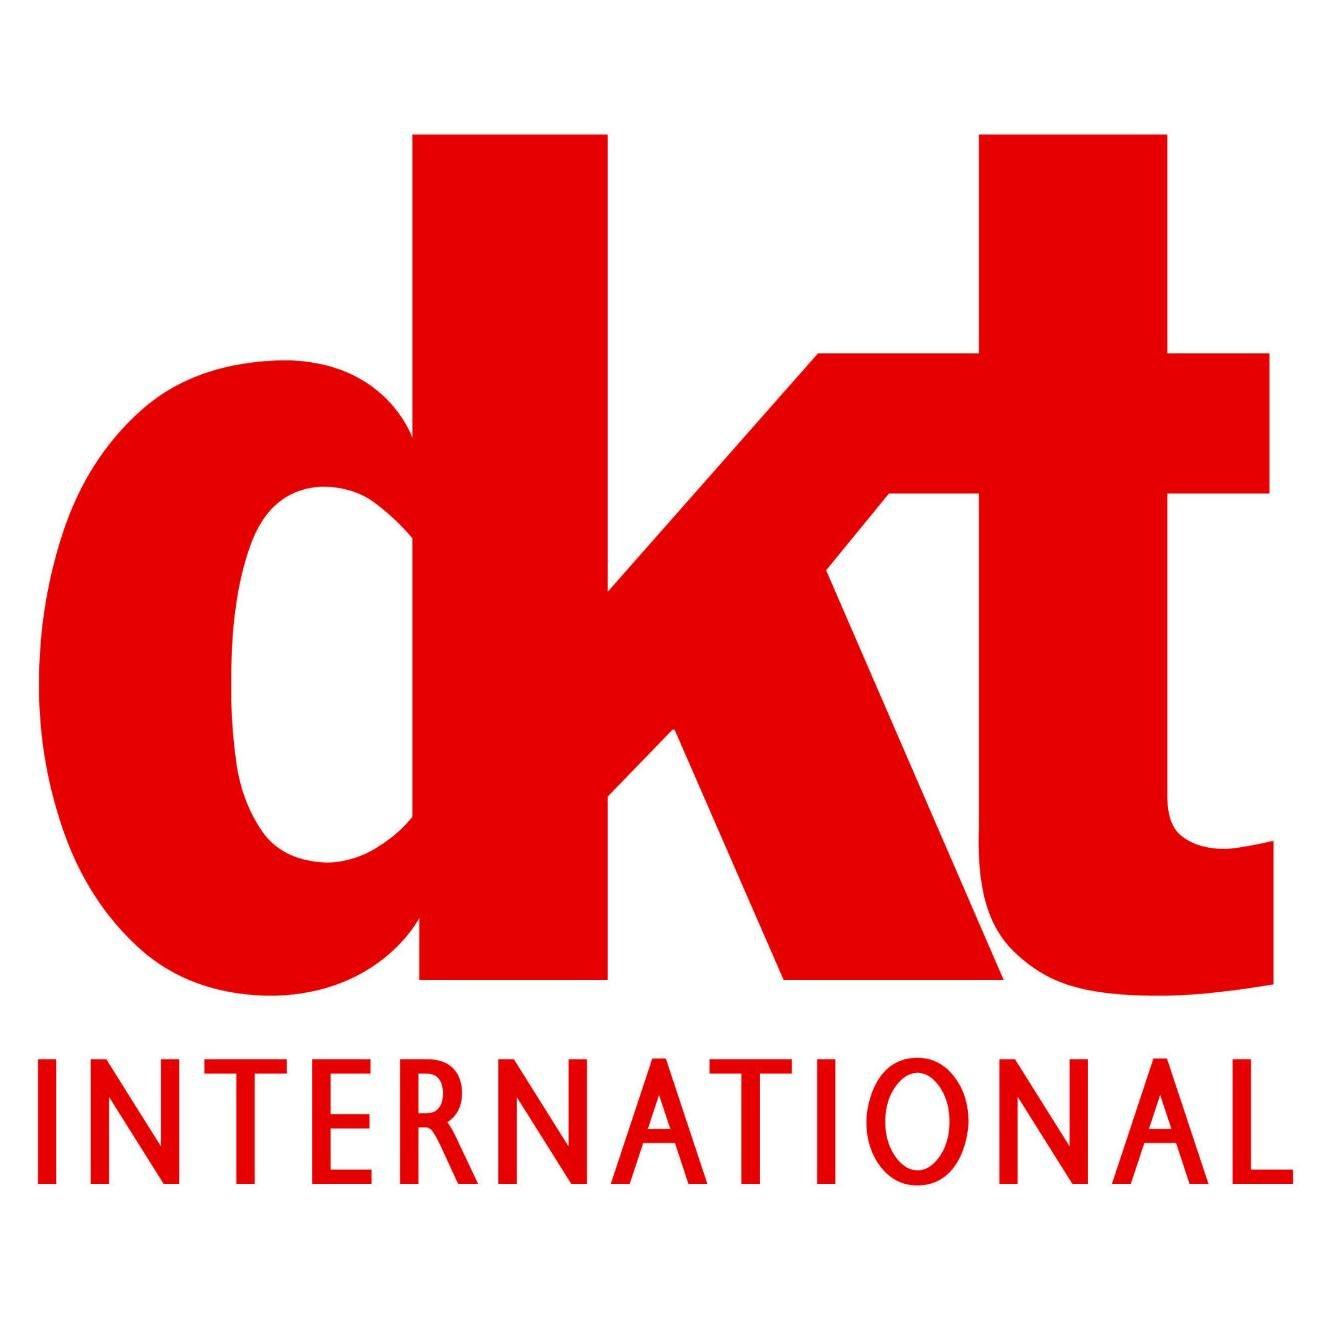 International: DKT International (@DKTchangeslives)